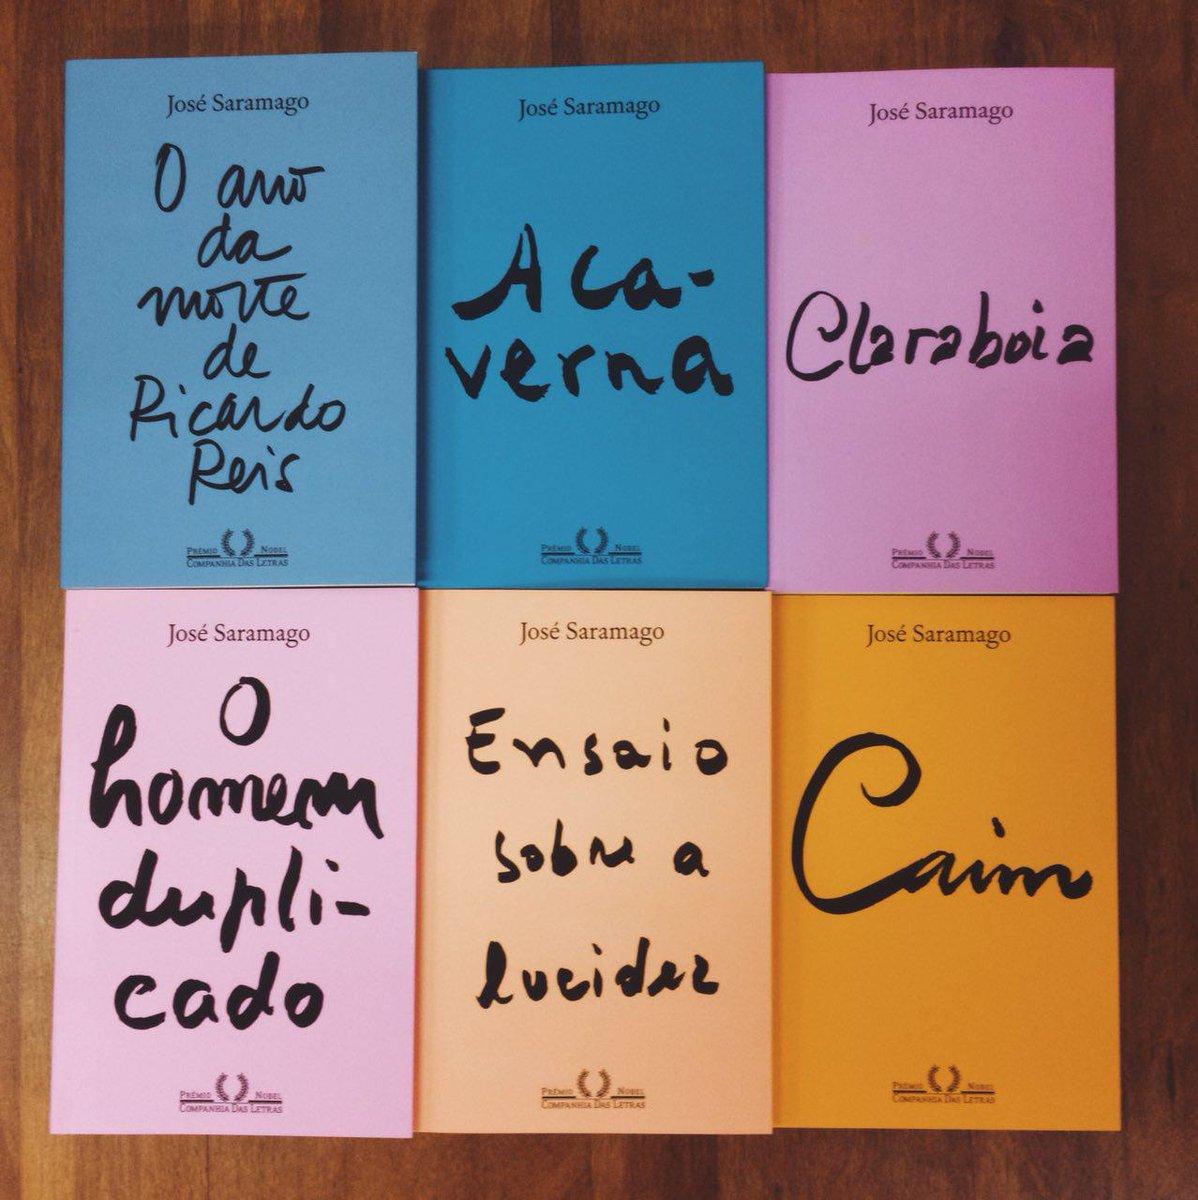 """Companhia das Letras on Twitter: """"Conheça a coleção José Saramago exclusiva  da @Saraiva, inspirada no projeto gráfico da Porto Editora, de Portugal.  https://t.co/QQFWbAVD82… https://t.co/0q6yqaMImq"""""""